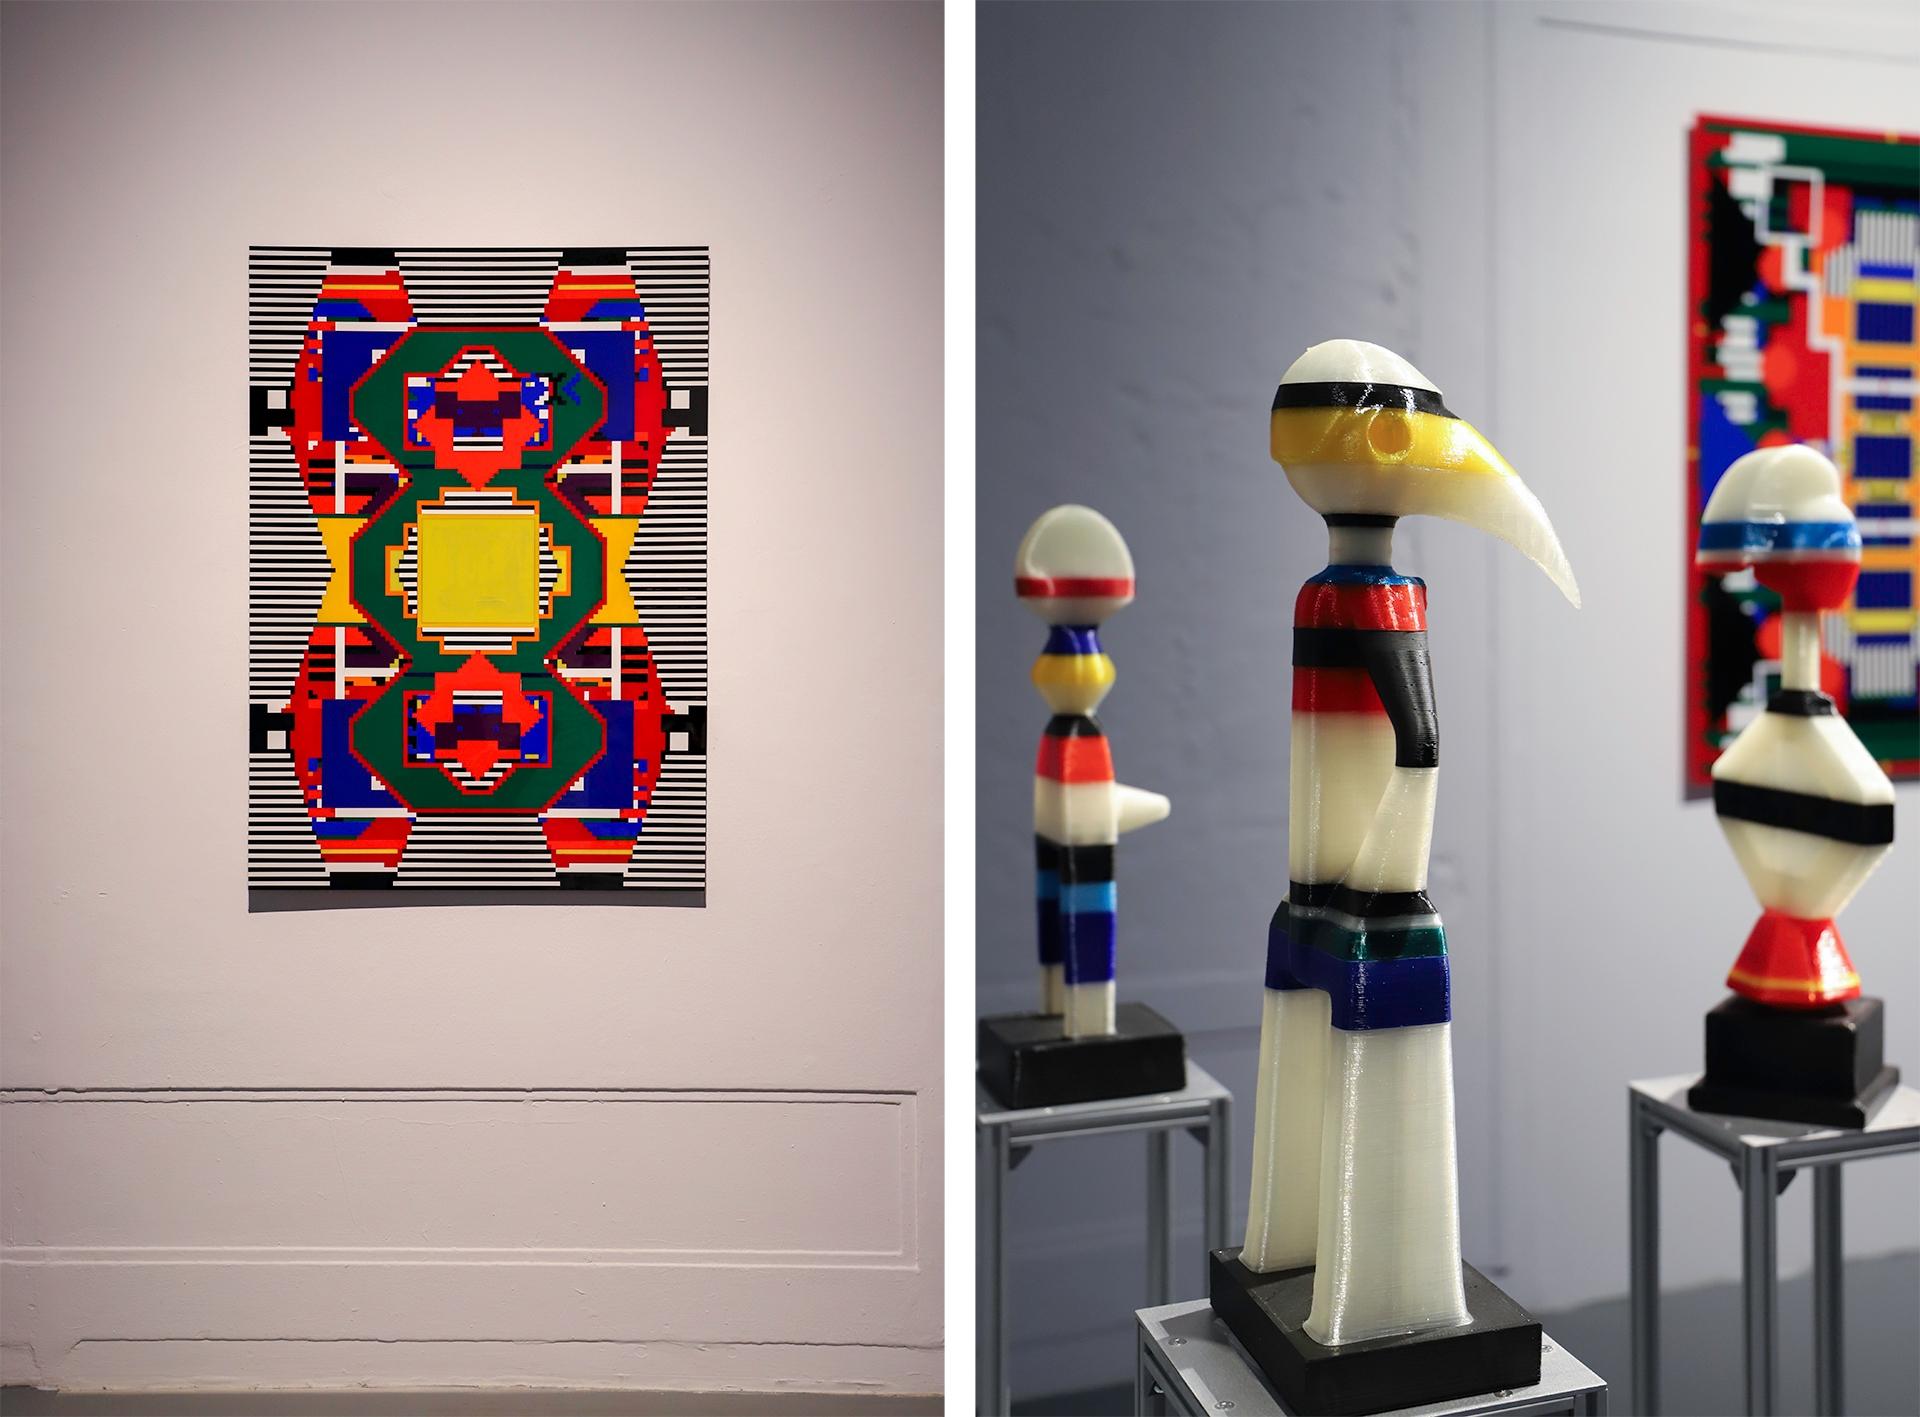 Obraz przedstawia dwa zdjęcia, na jednym z nich widzimy obraz znanego artysty na białej ścianie, a na drugim fragment kolorowej rzeźby.